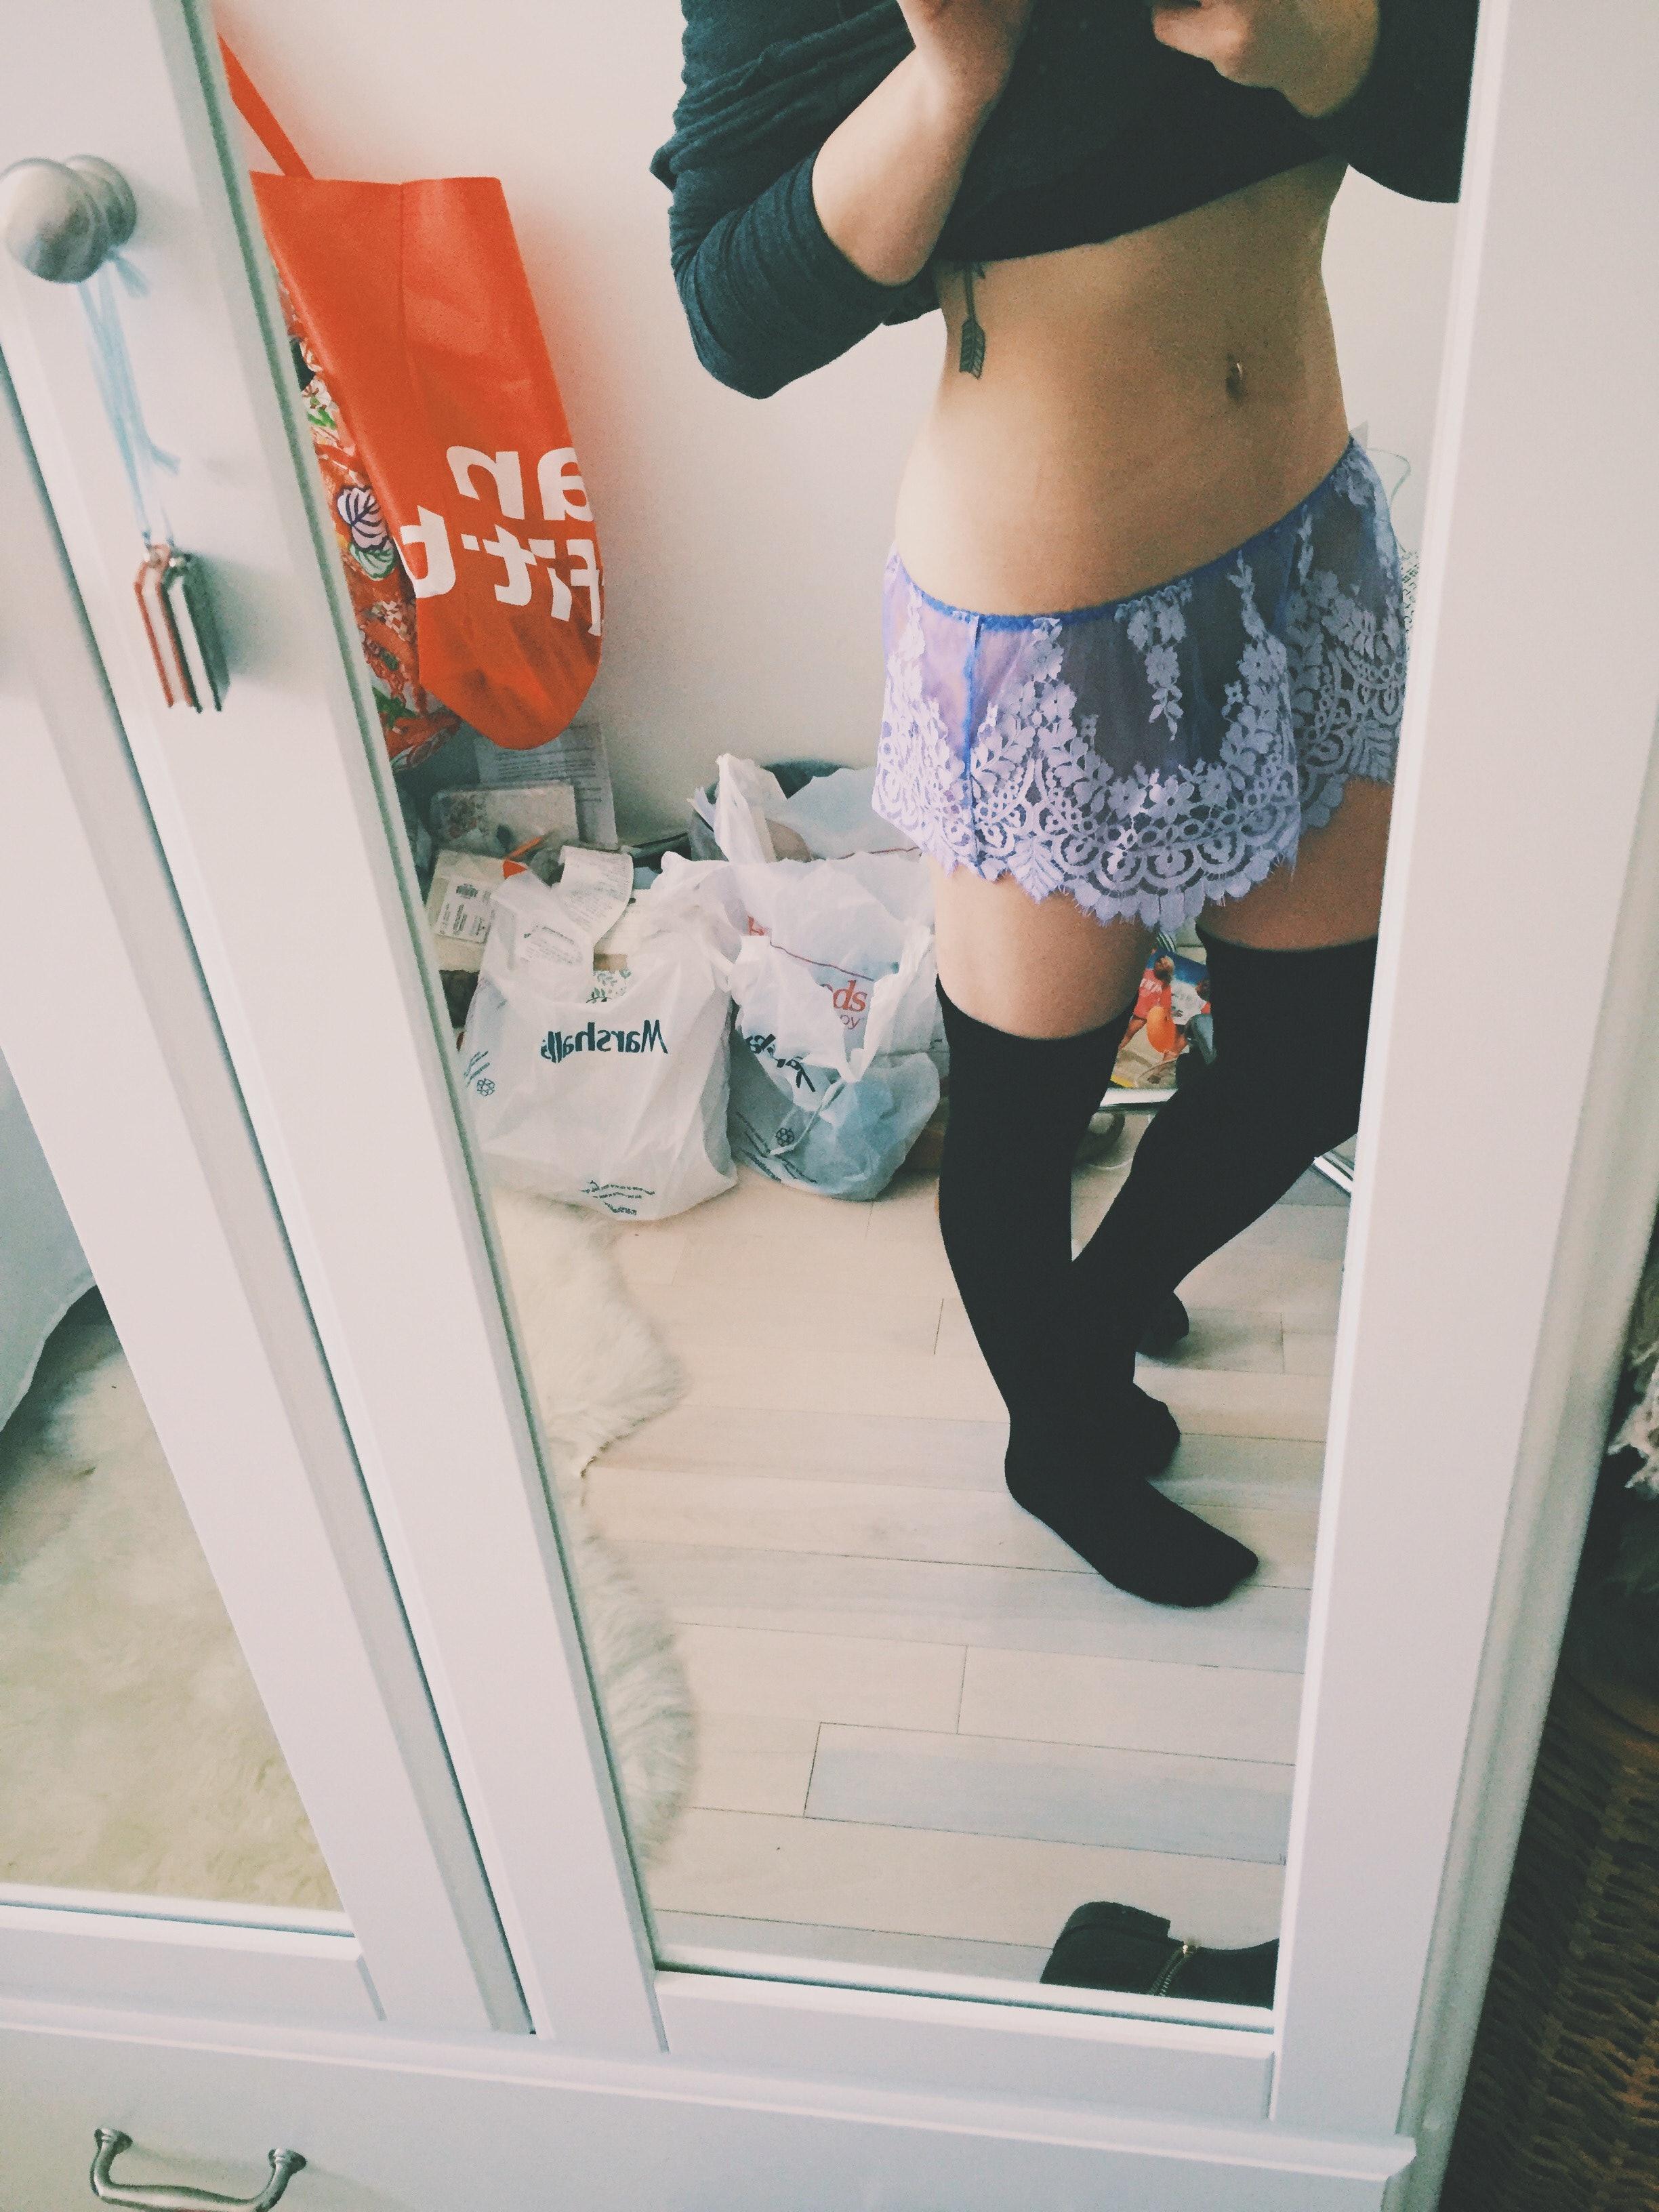 Brief milf boxer Lacy panties